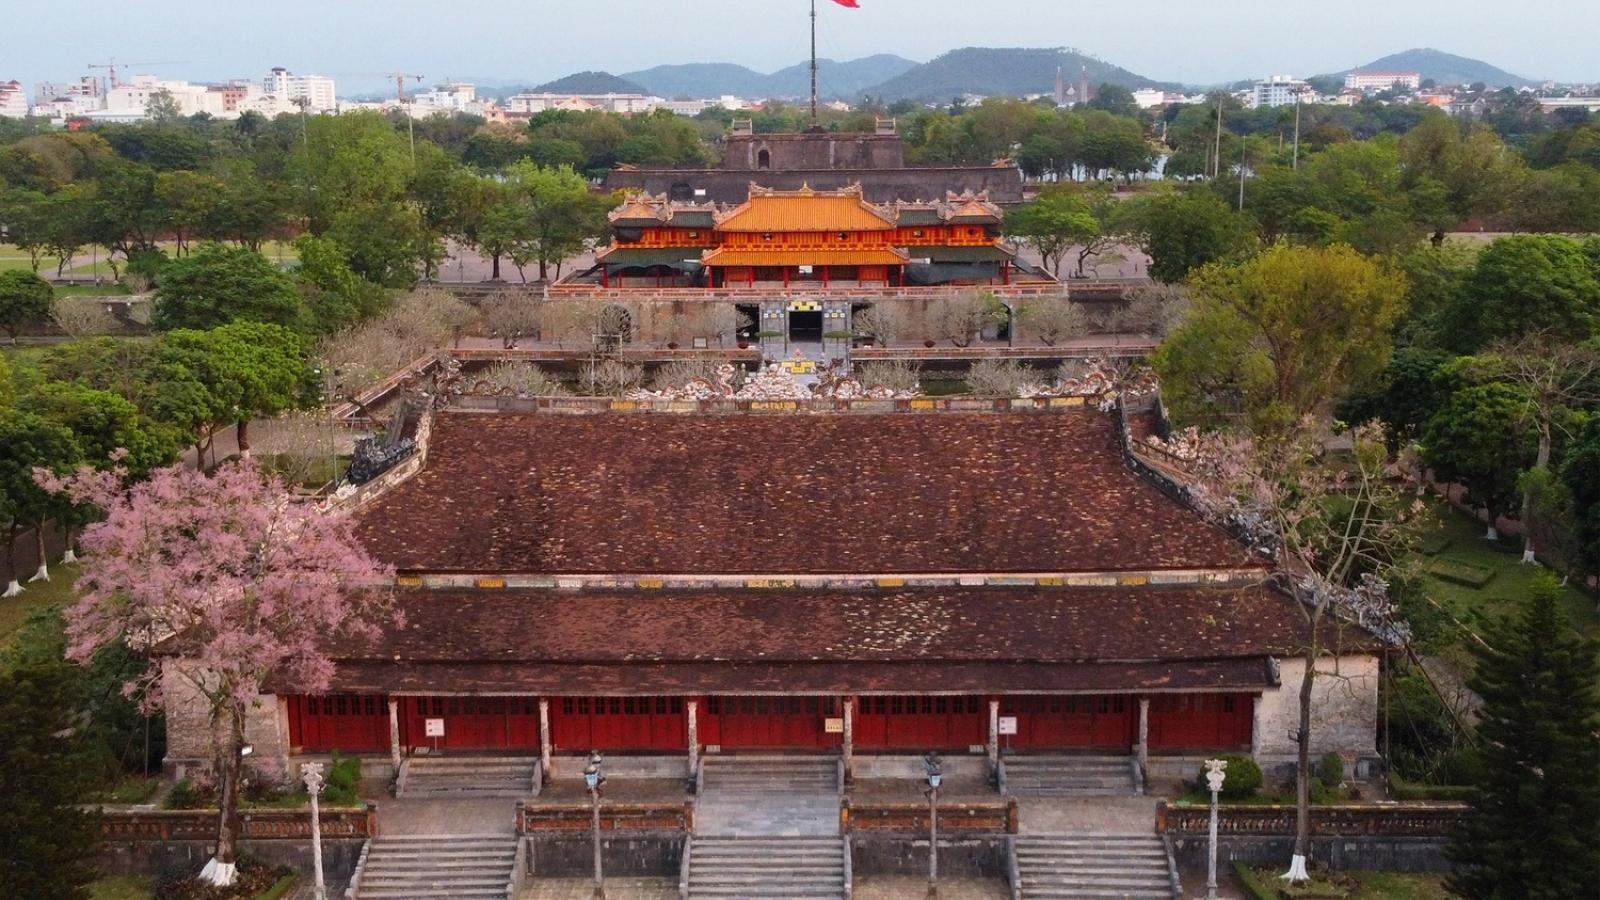 Khai quật khảo cổ tại di tích Điện Thái Hòa để bảo tồn, trùng tu tổng thể